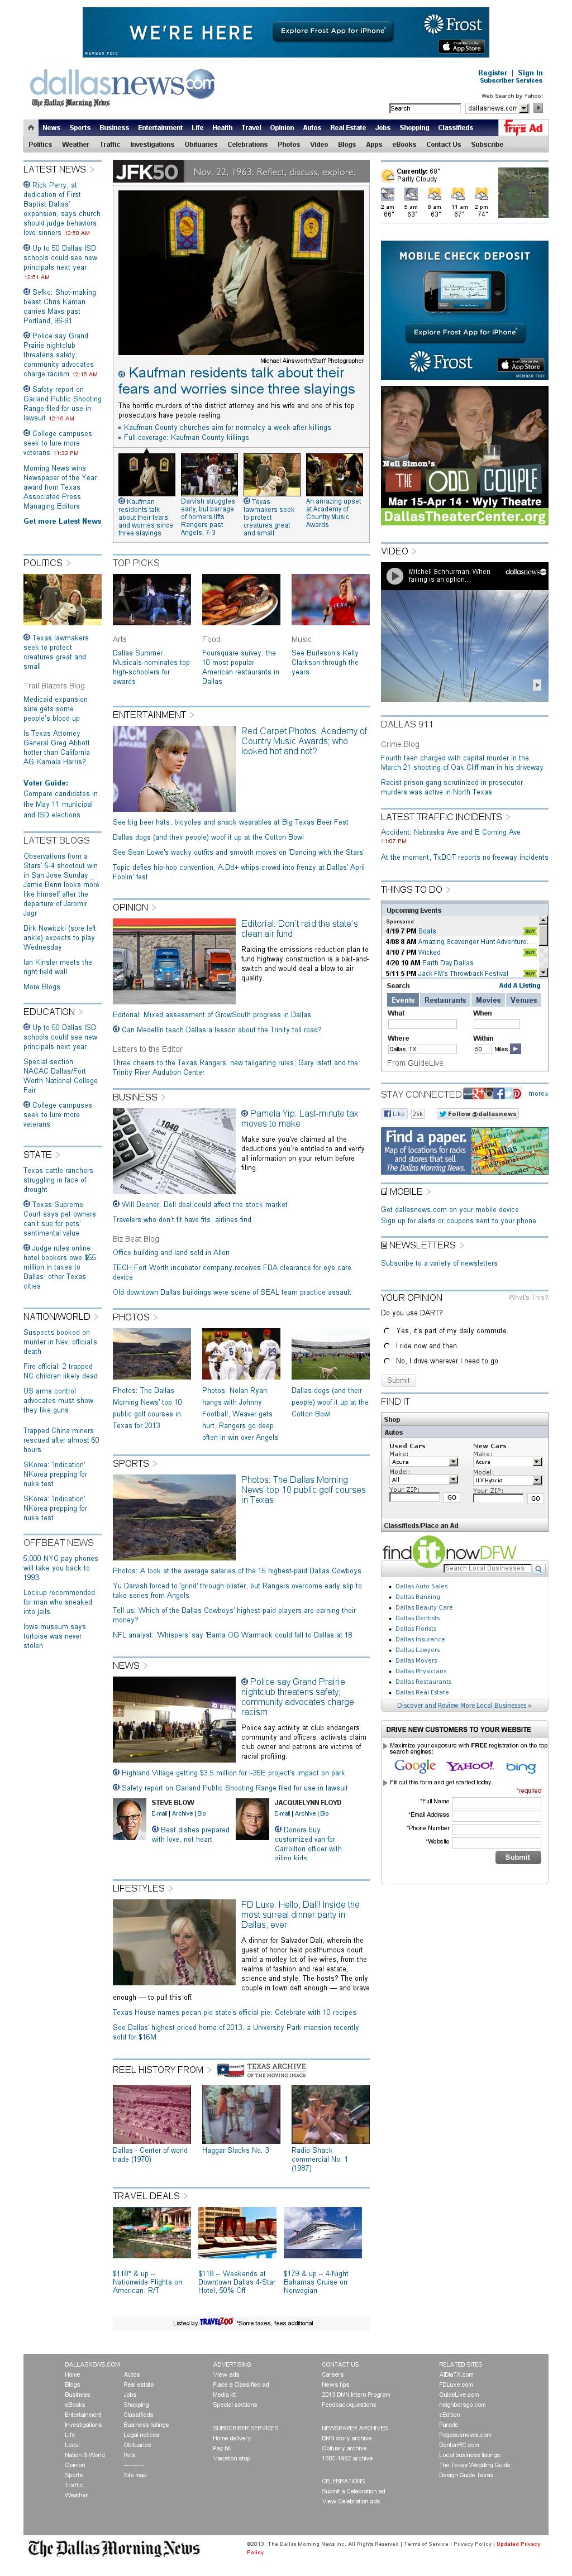 dallasnews.com at Monday April 8, 2013, 6:05 a.m. UTC